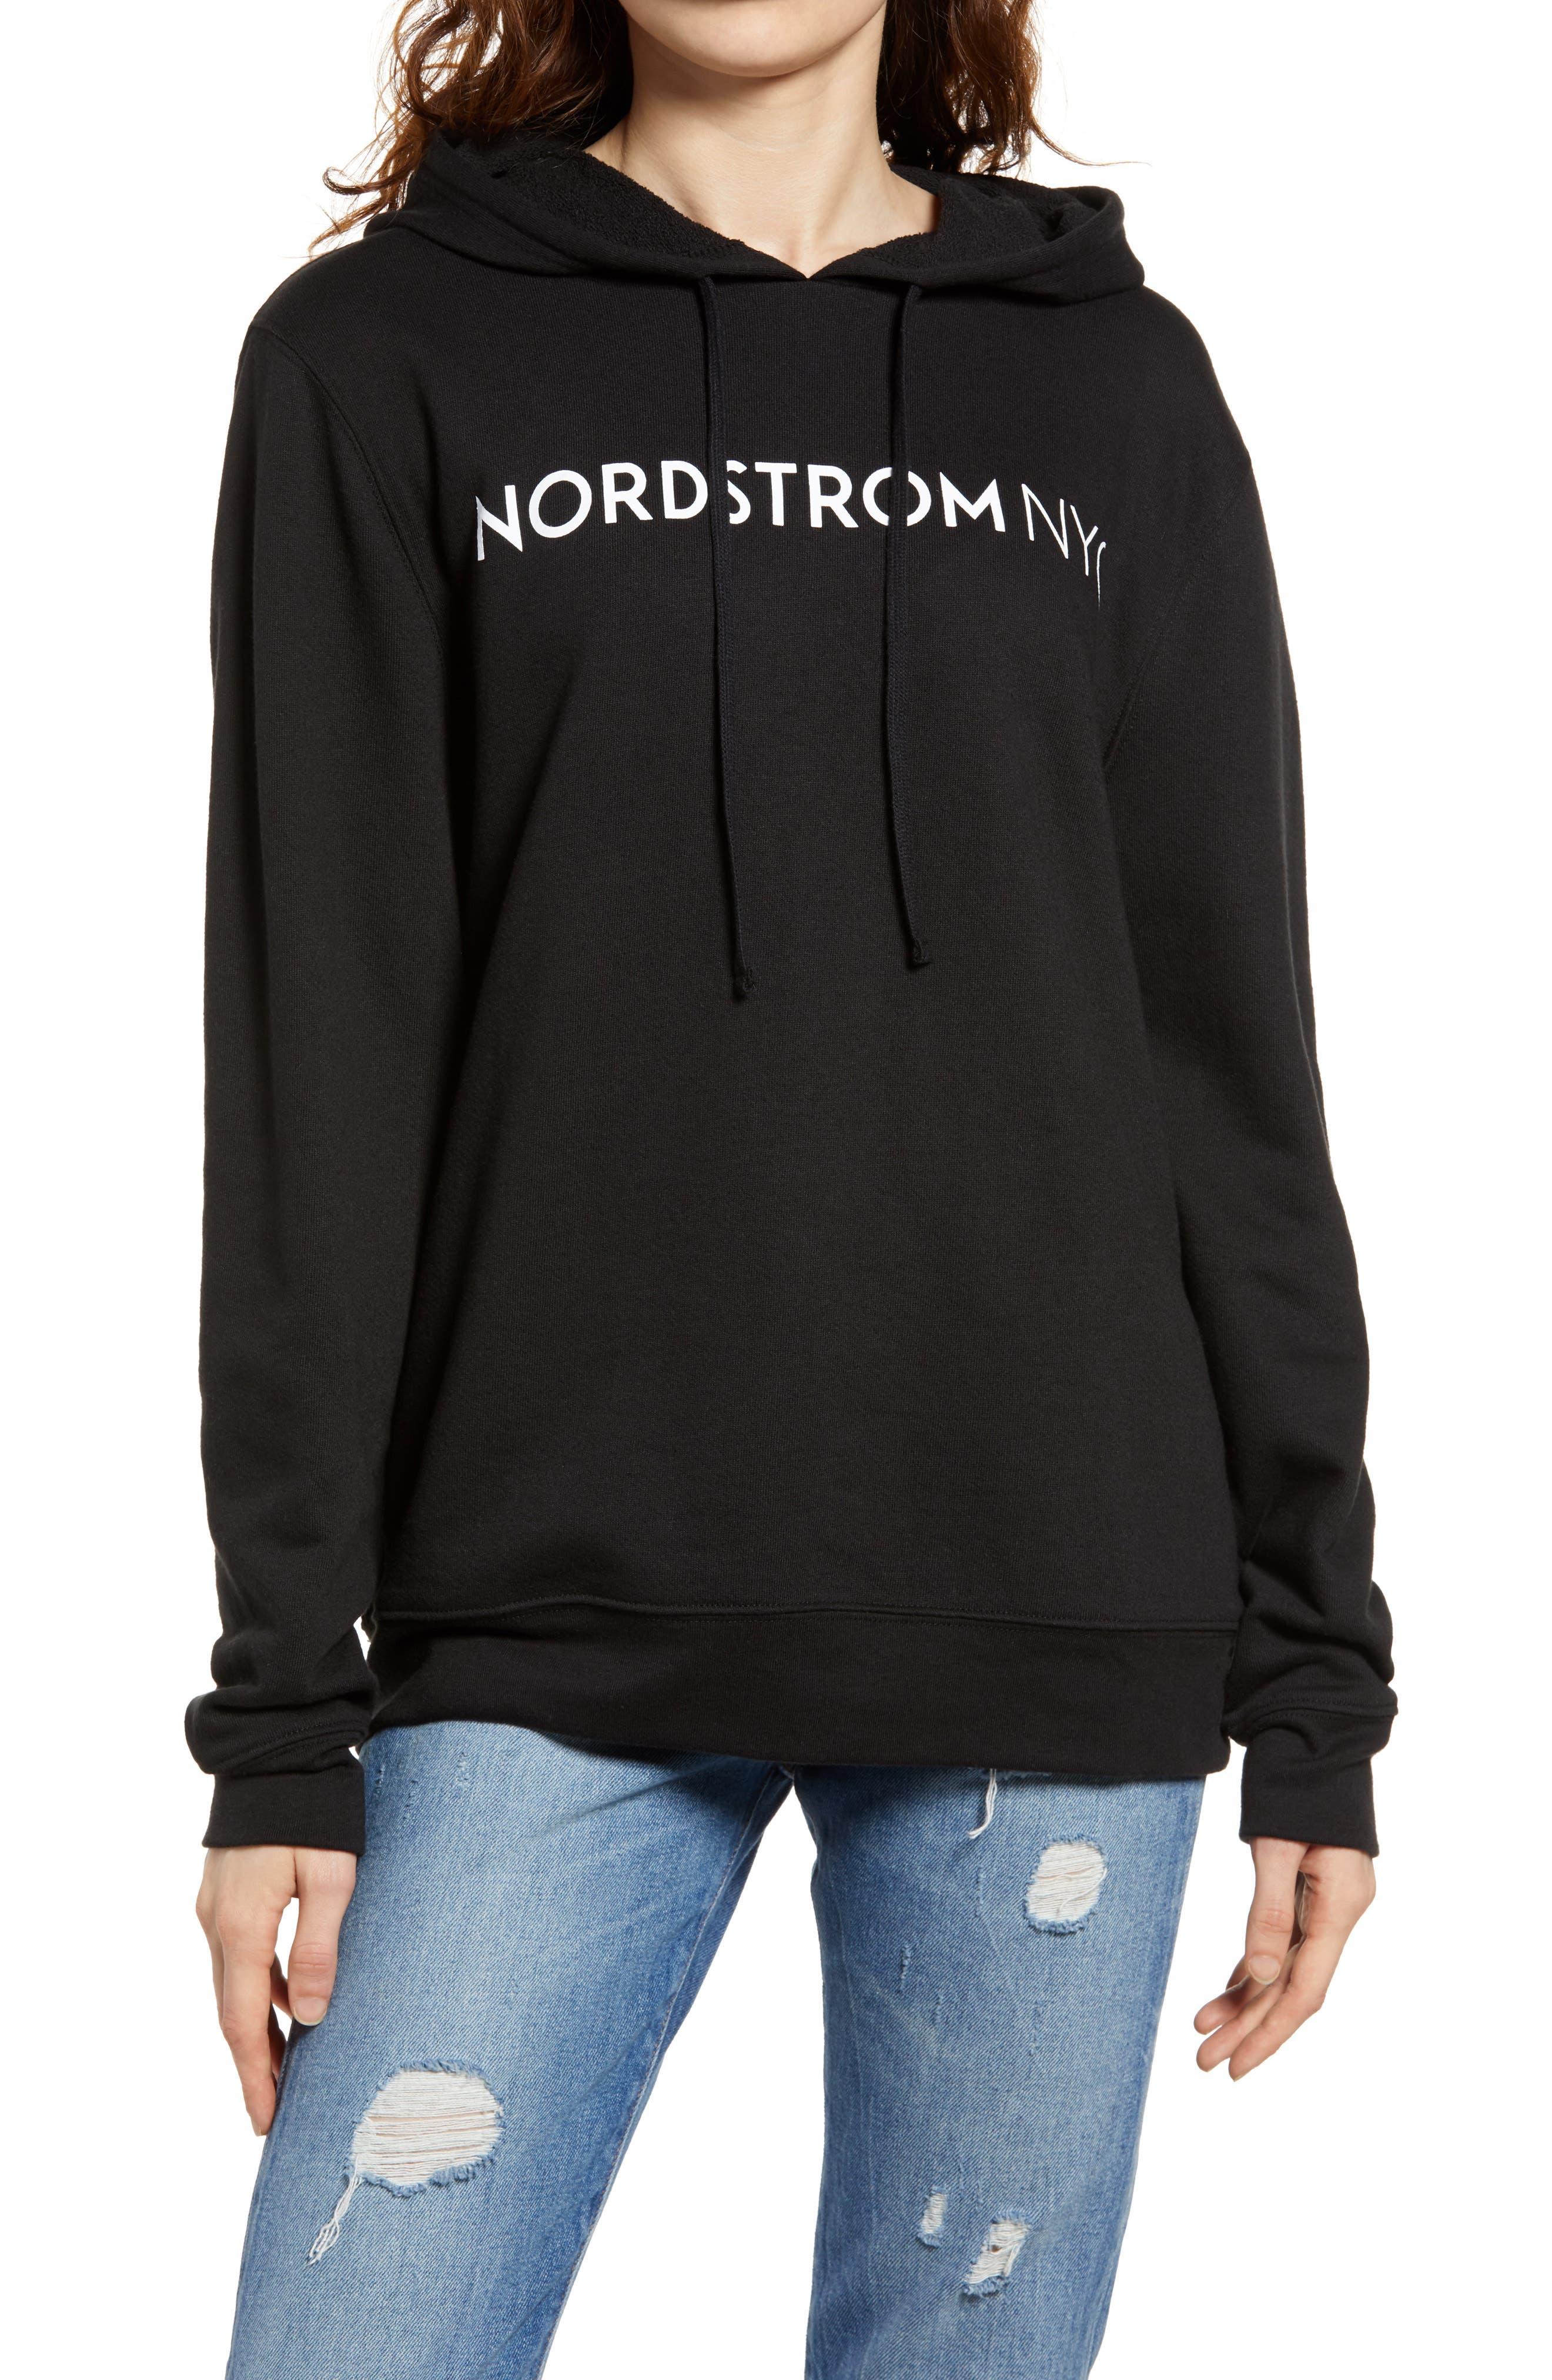 Nordstrom Nyc Wink Emoji Graphic Hoodie Sweatshirt